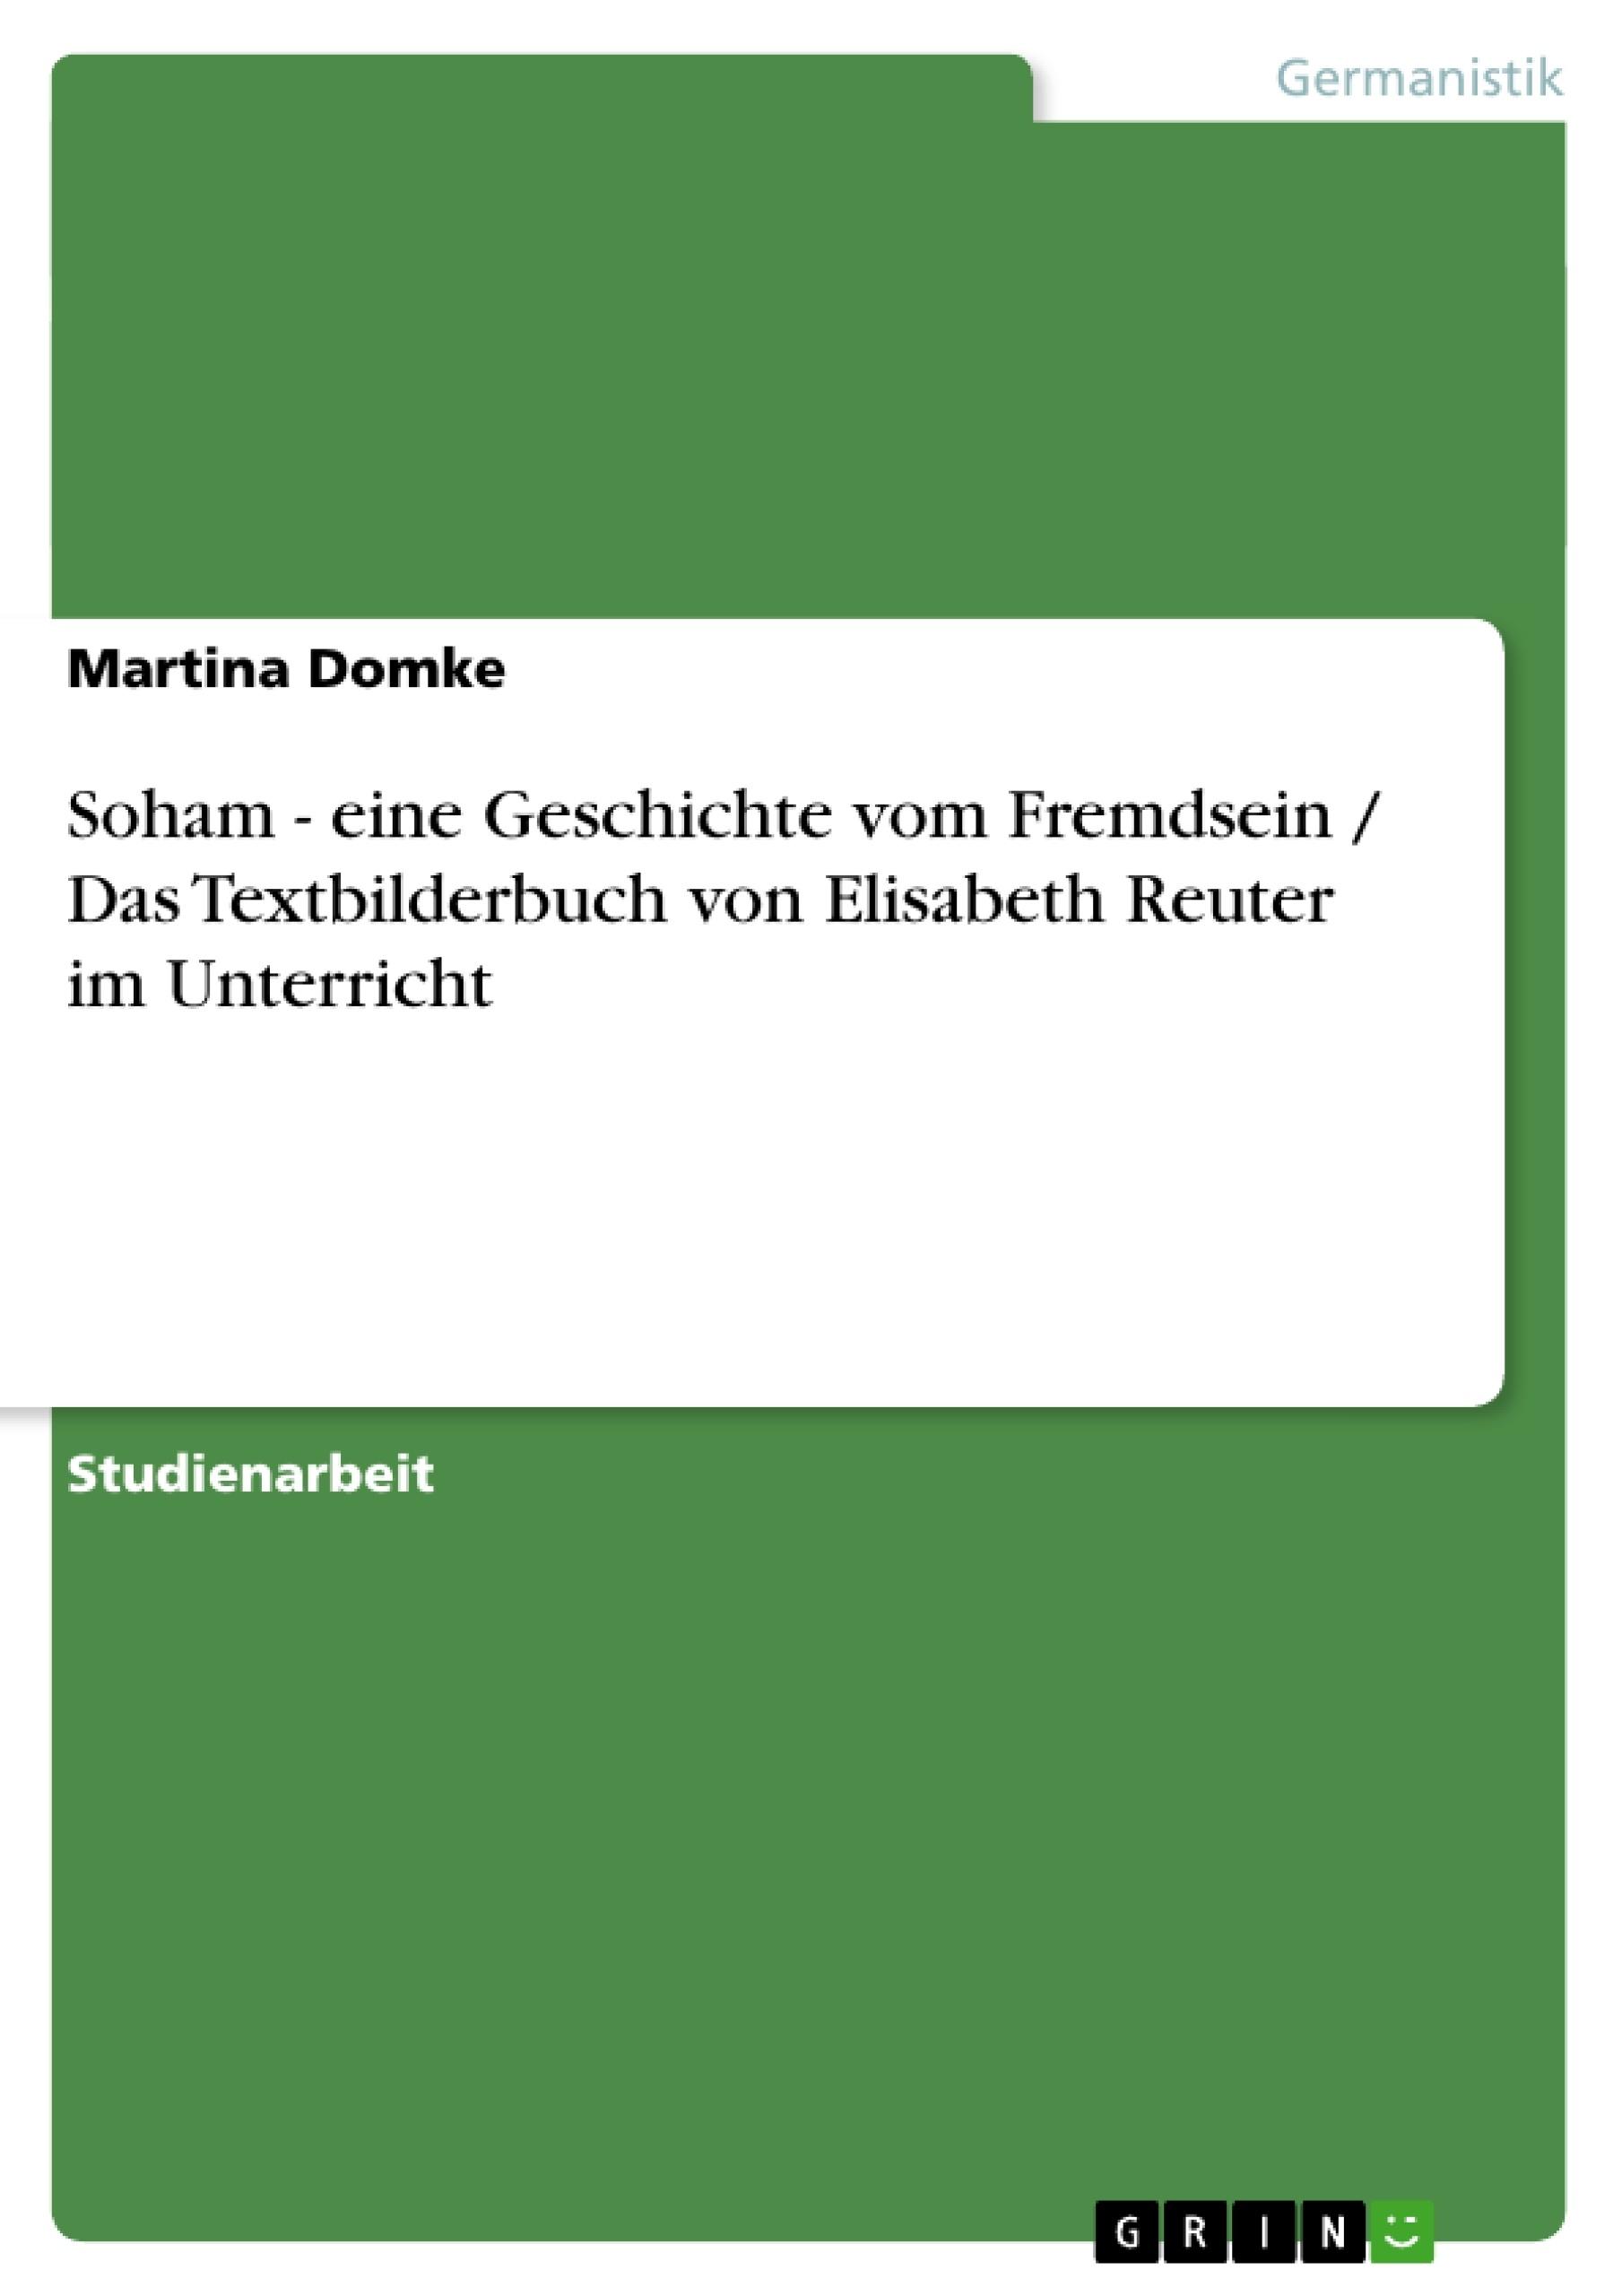 Titel: Soham - eine Geschichte vom Fremdsein / Das Textbilderbuch von Elisabeth Reuter im Unterricht